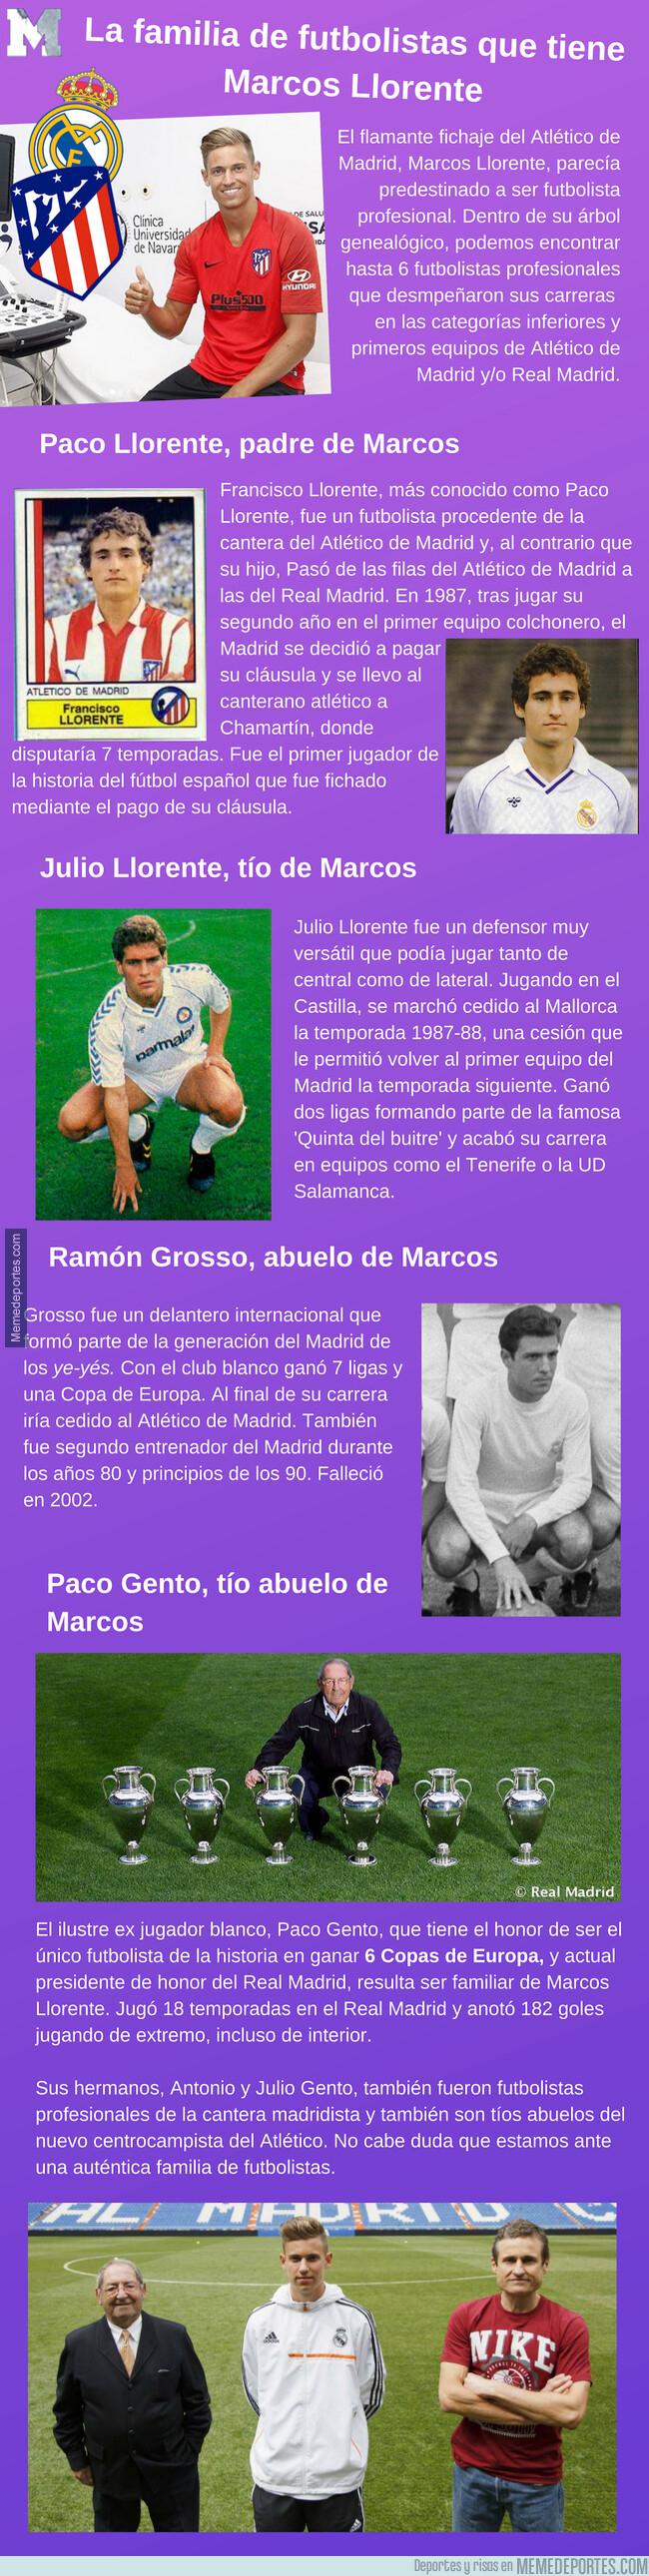 1078903 - La familia de futbolista de Marcos Llorente